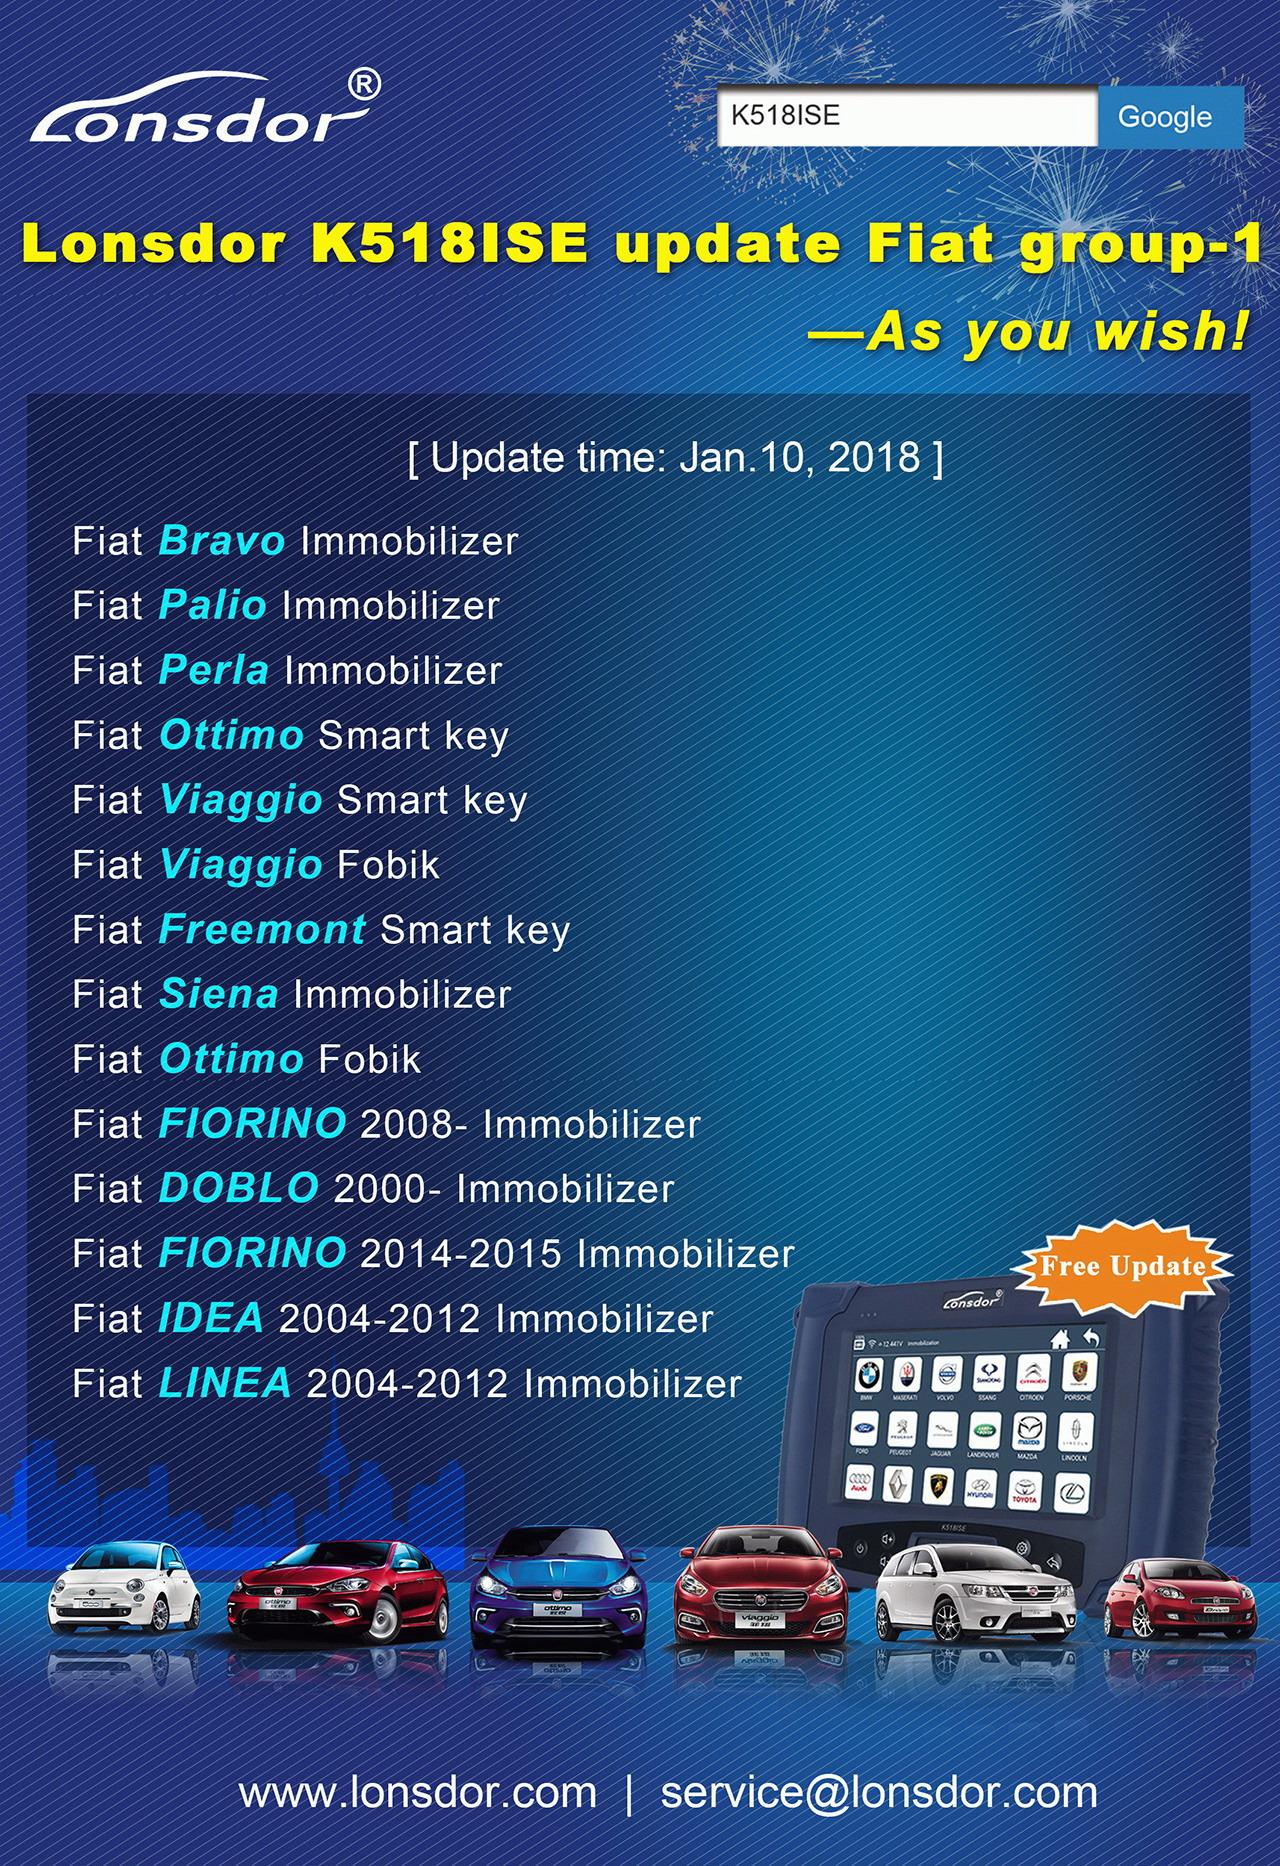 180110-Fiat 1